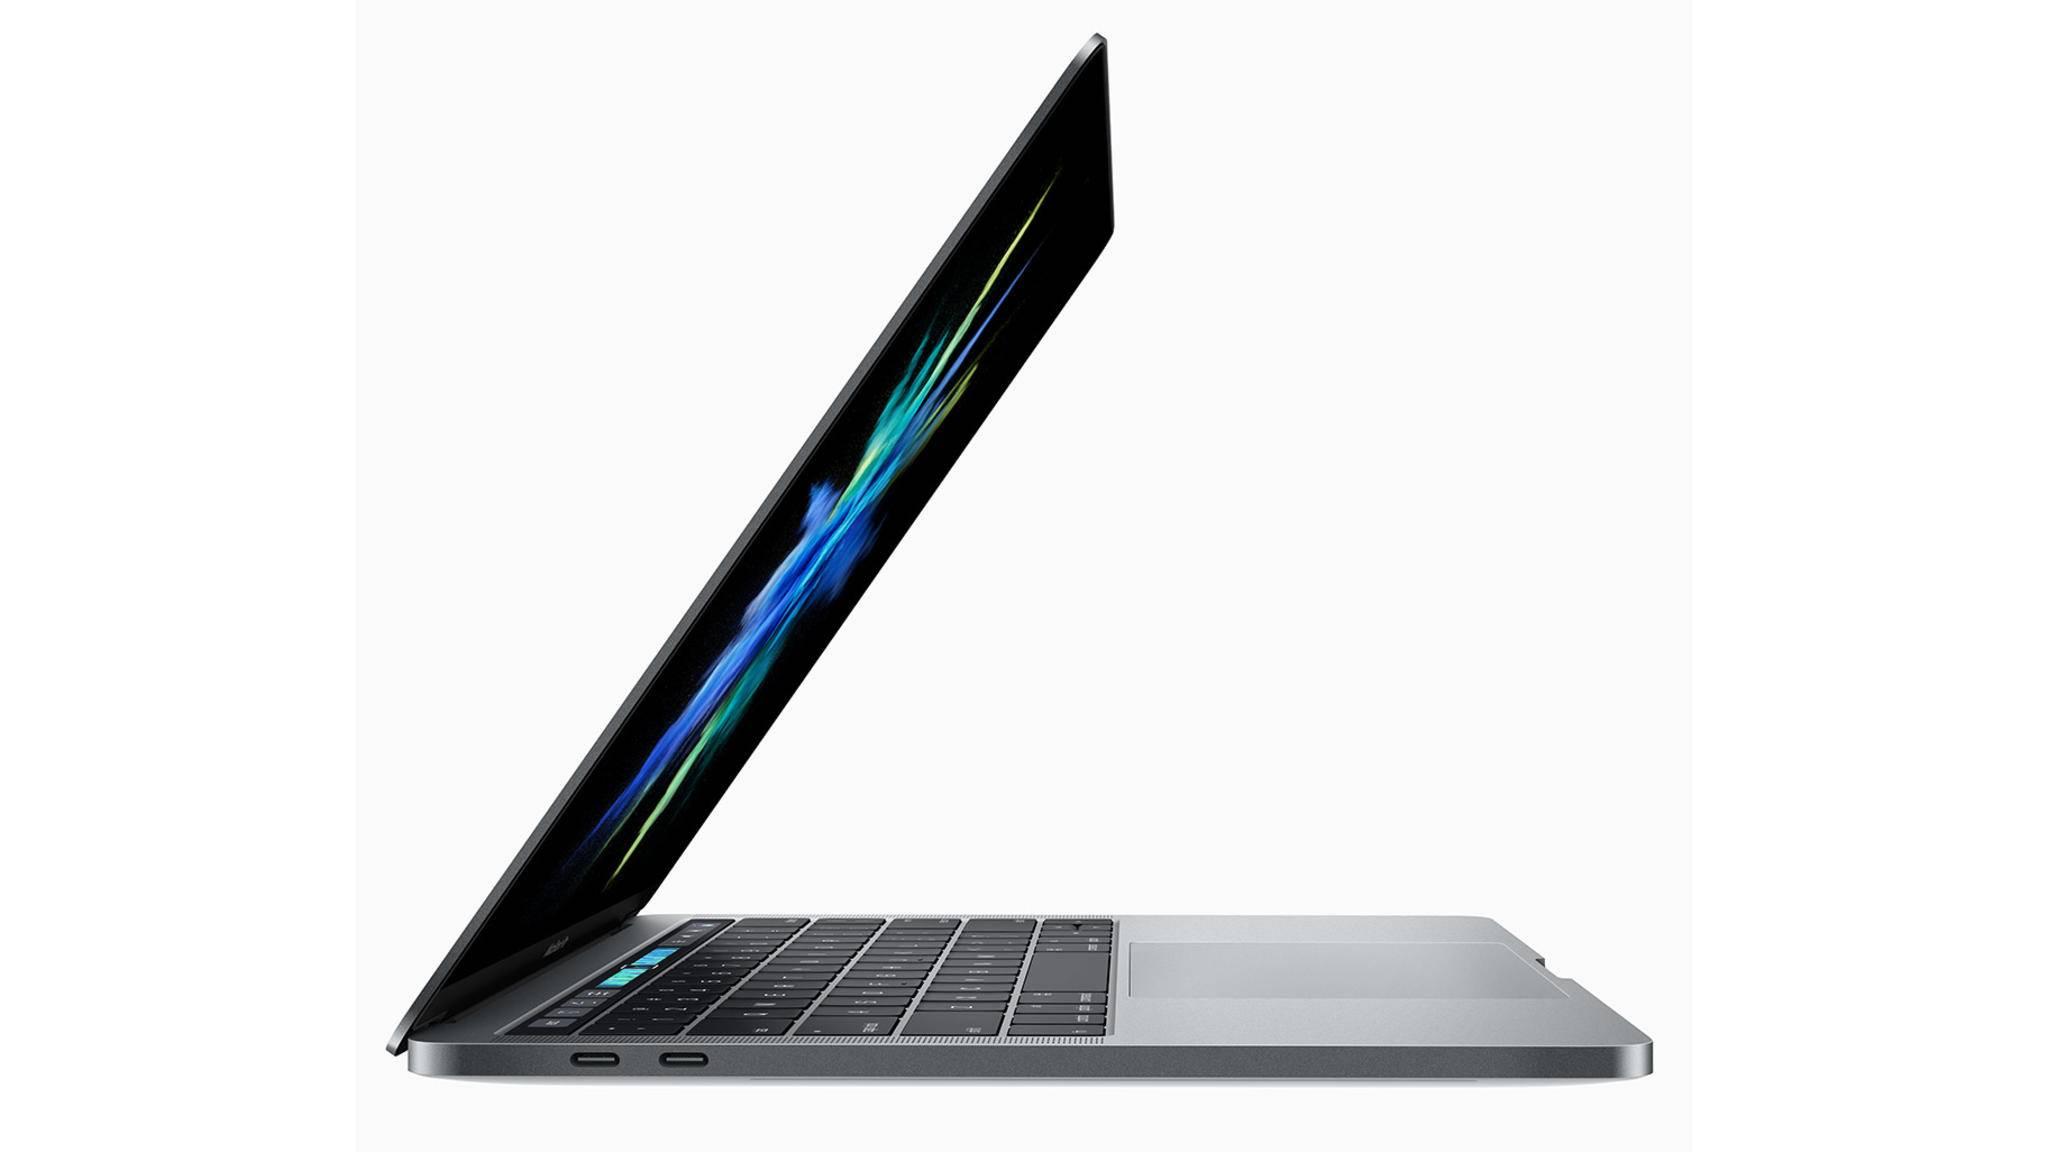 Das MacBook Pro wird wohl auch weiterhin im gewohnten Gewand produziert.